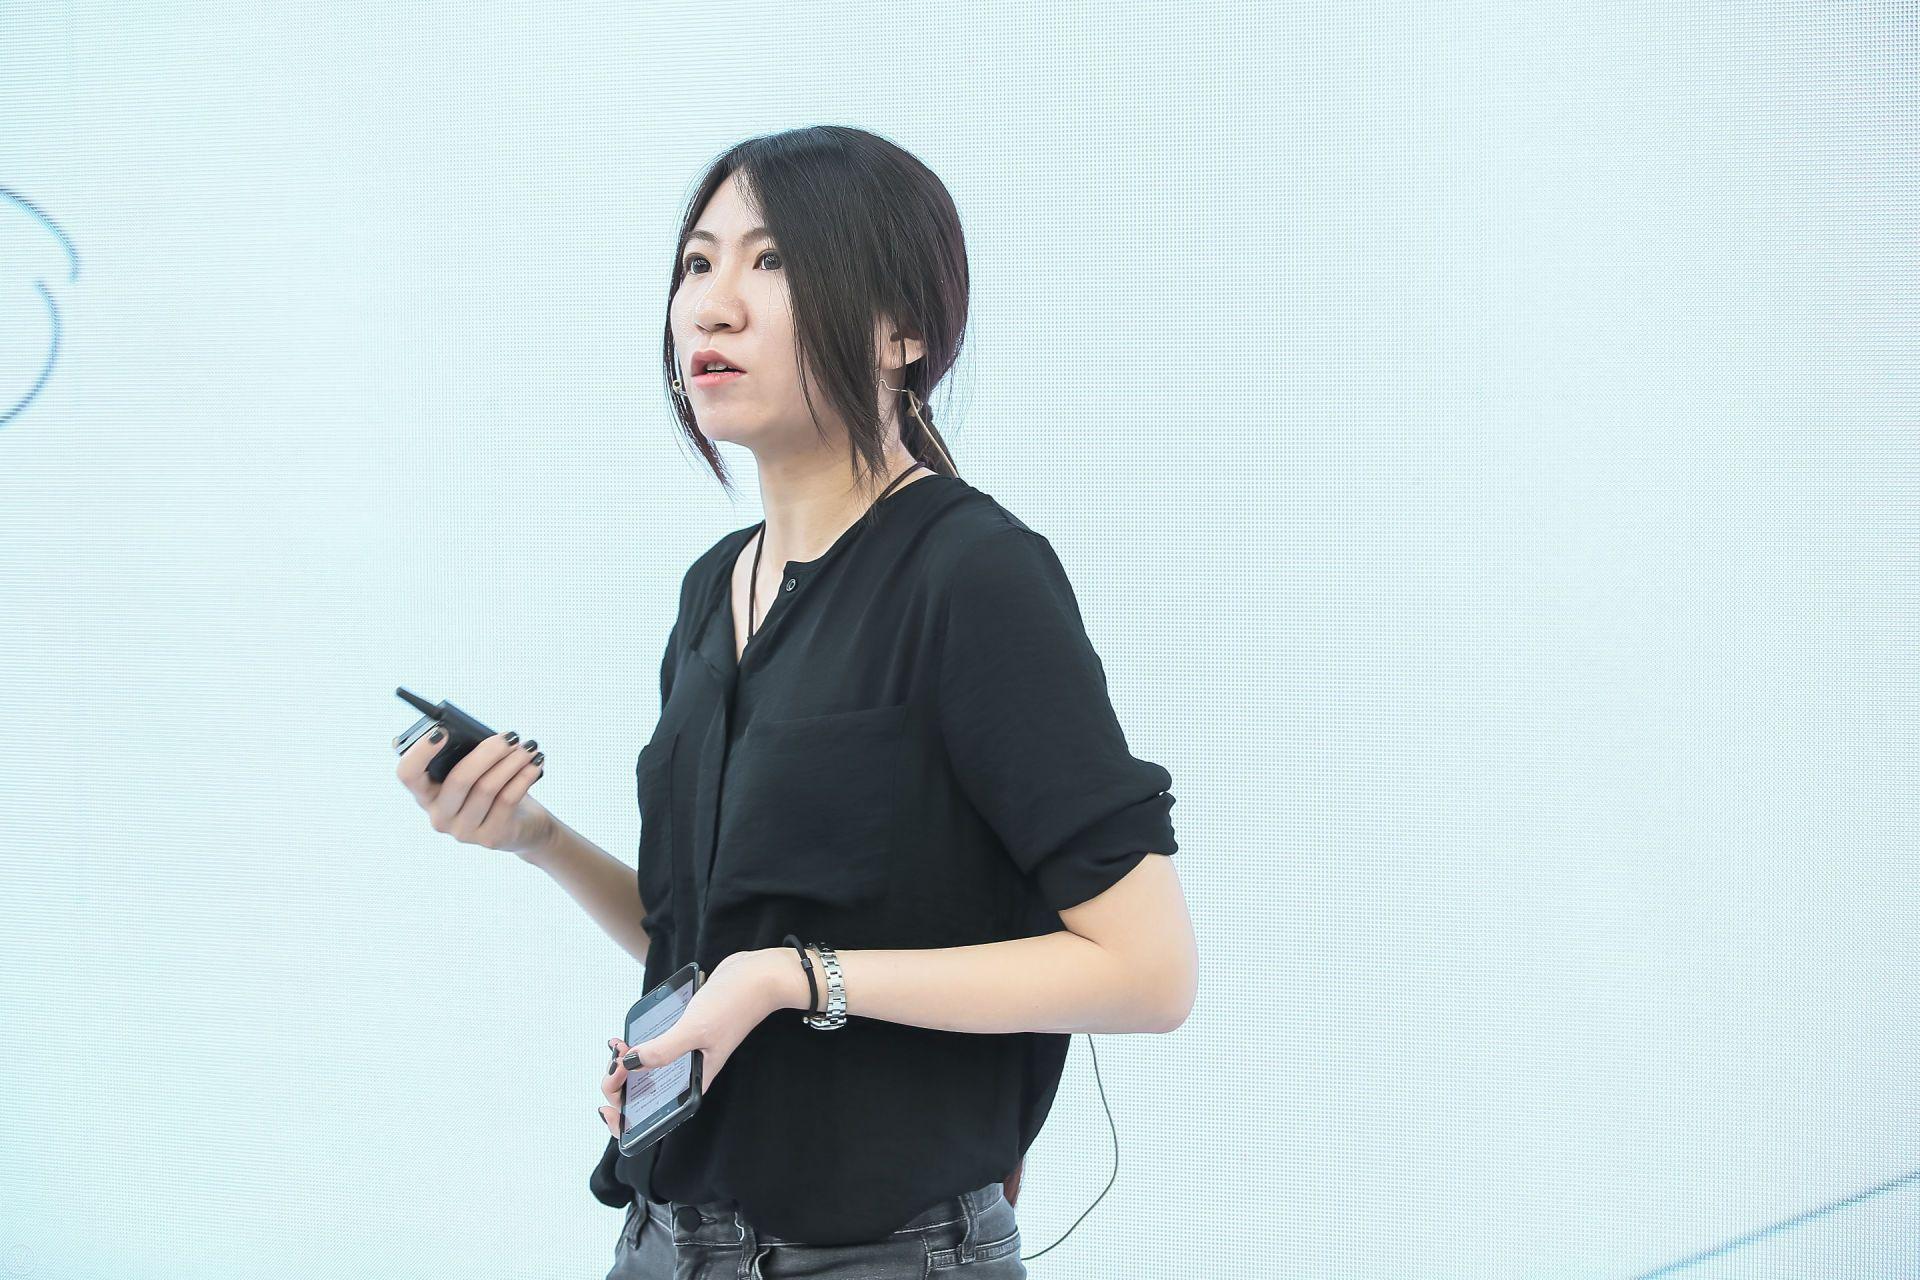 印象笔记高级产品总监刘璨